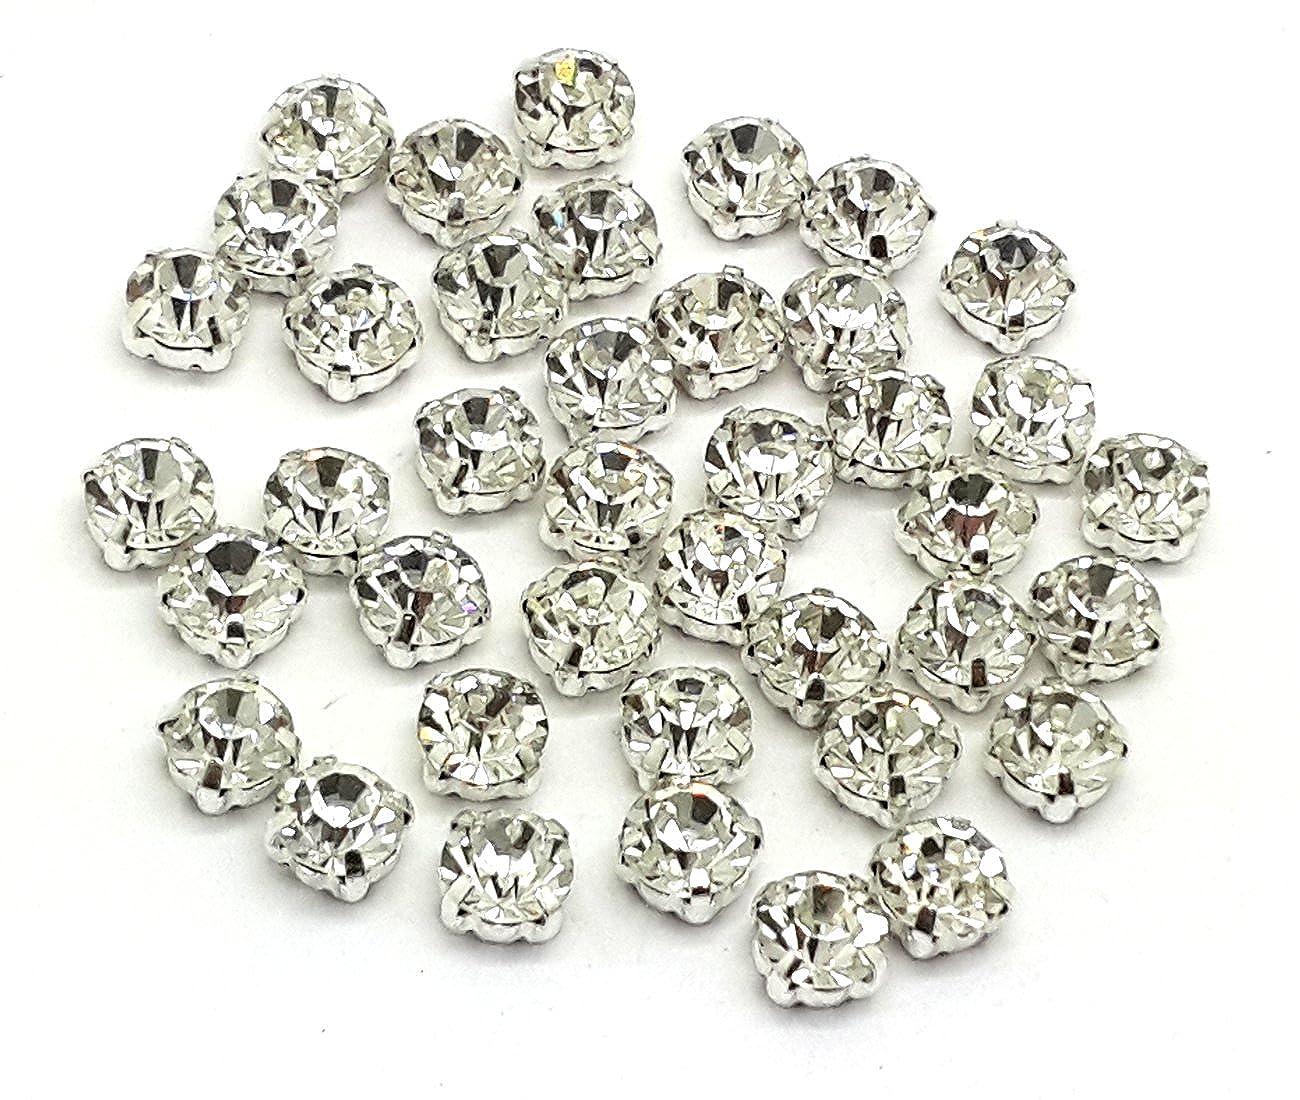 EIMASS Strass in vetro con fondo piatto da cucire o incollare - 100 pezzi con incastonatura argento e oro - ss16 (3.8-4mm), Cristallo trasparente - incastonatura argento